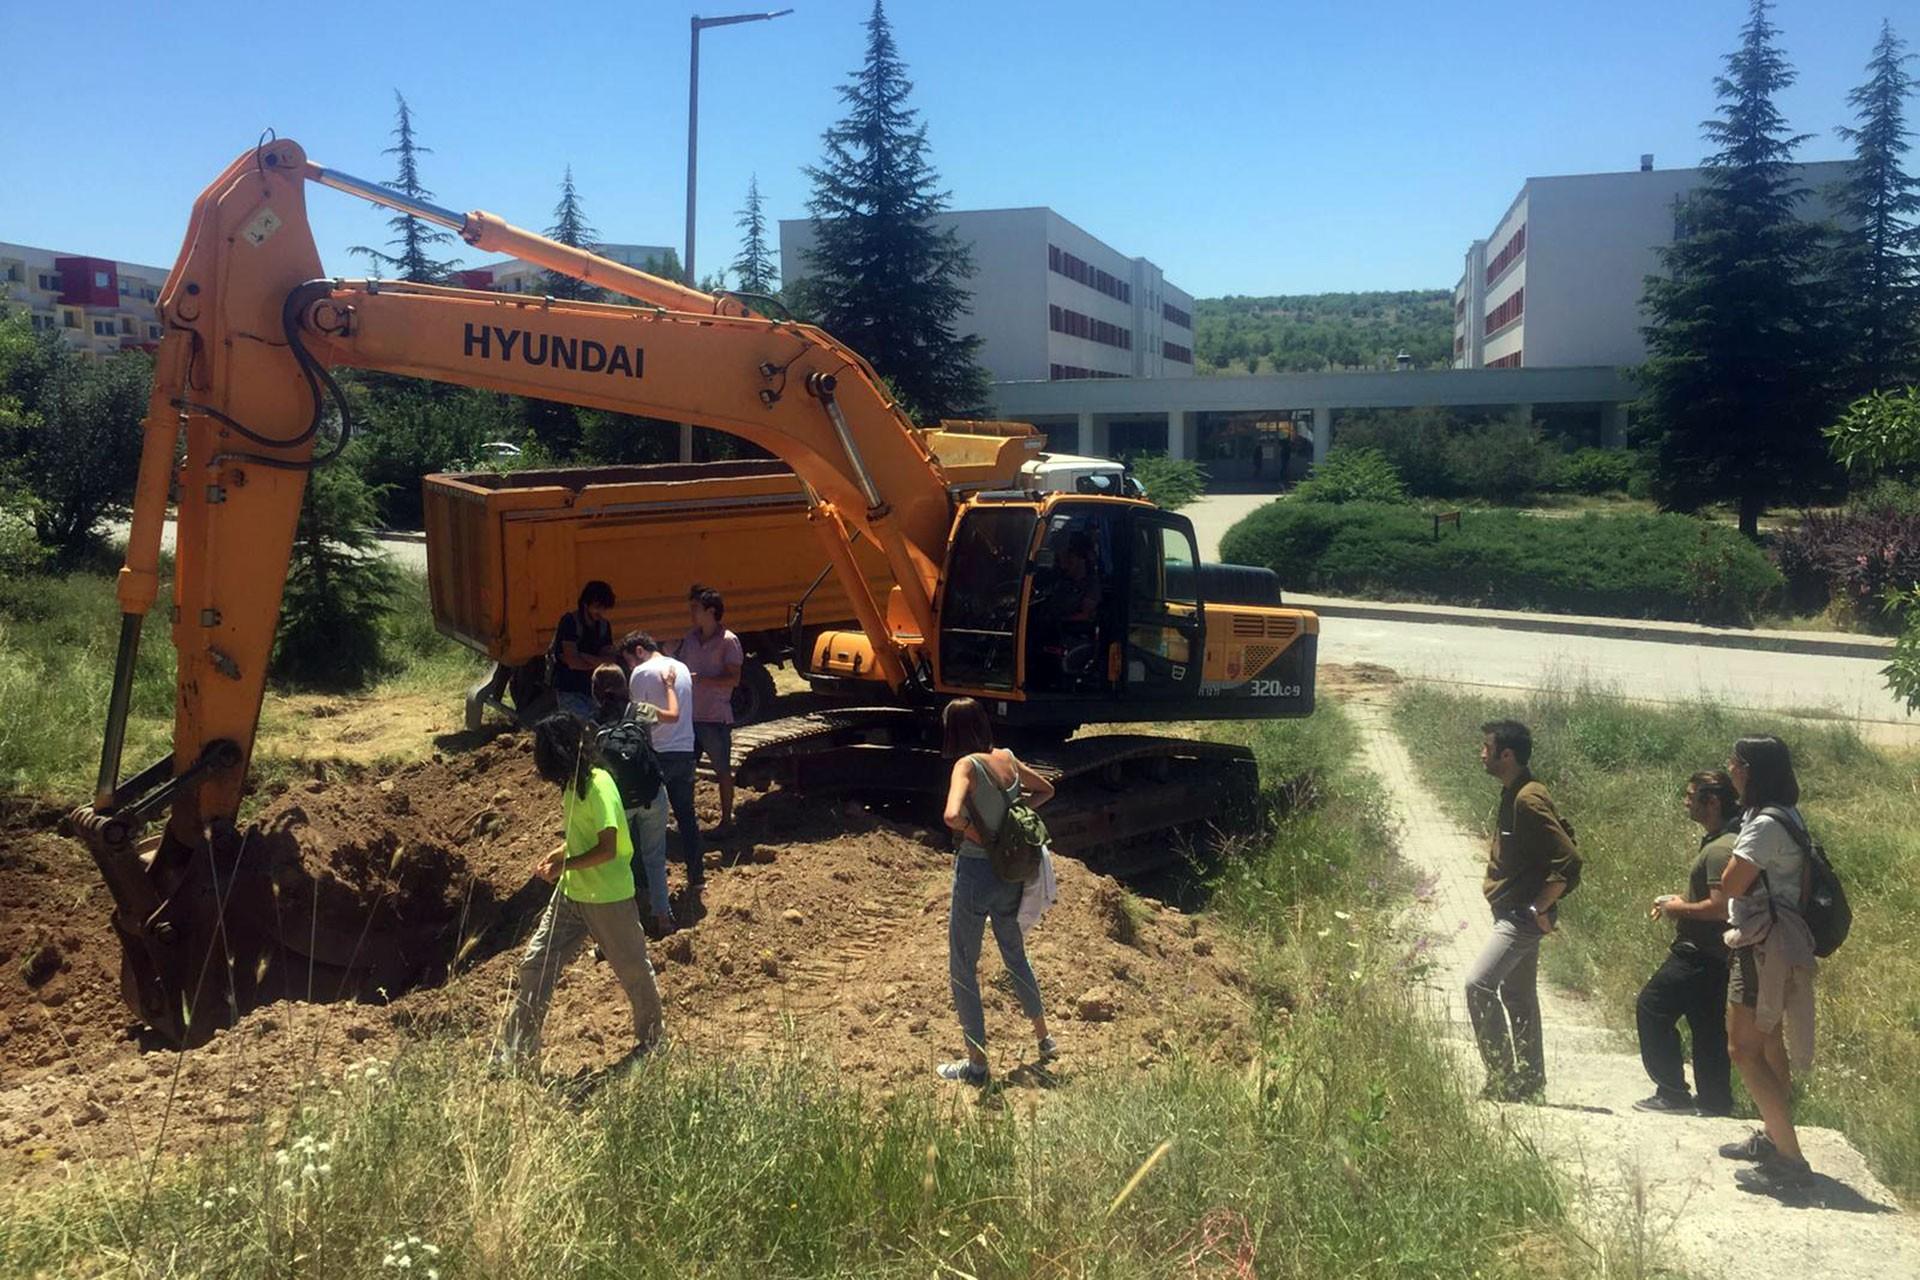 ODTÜ: Yurt inşaatını tekrar gözden geçireceğiz